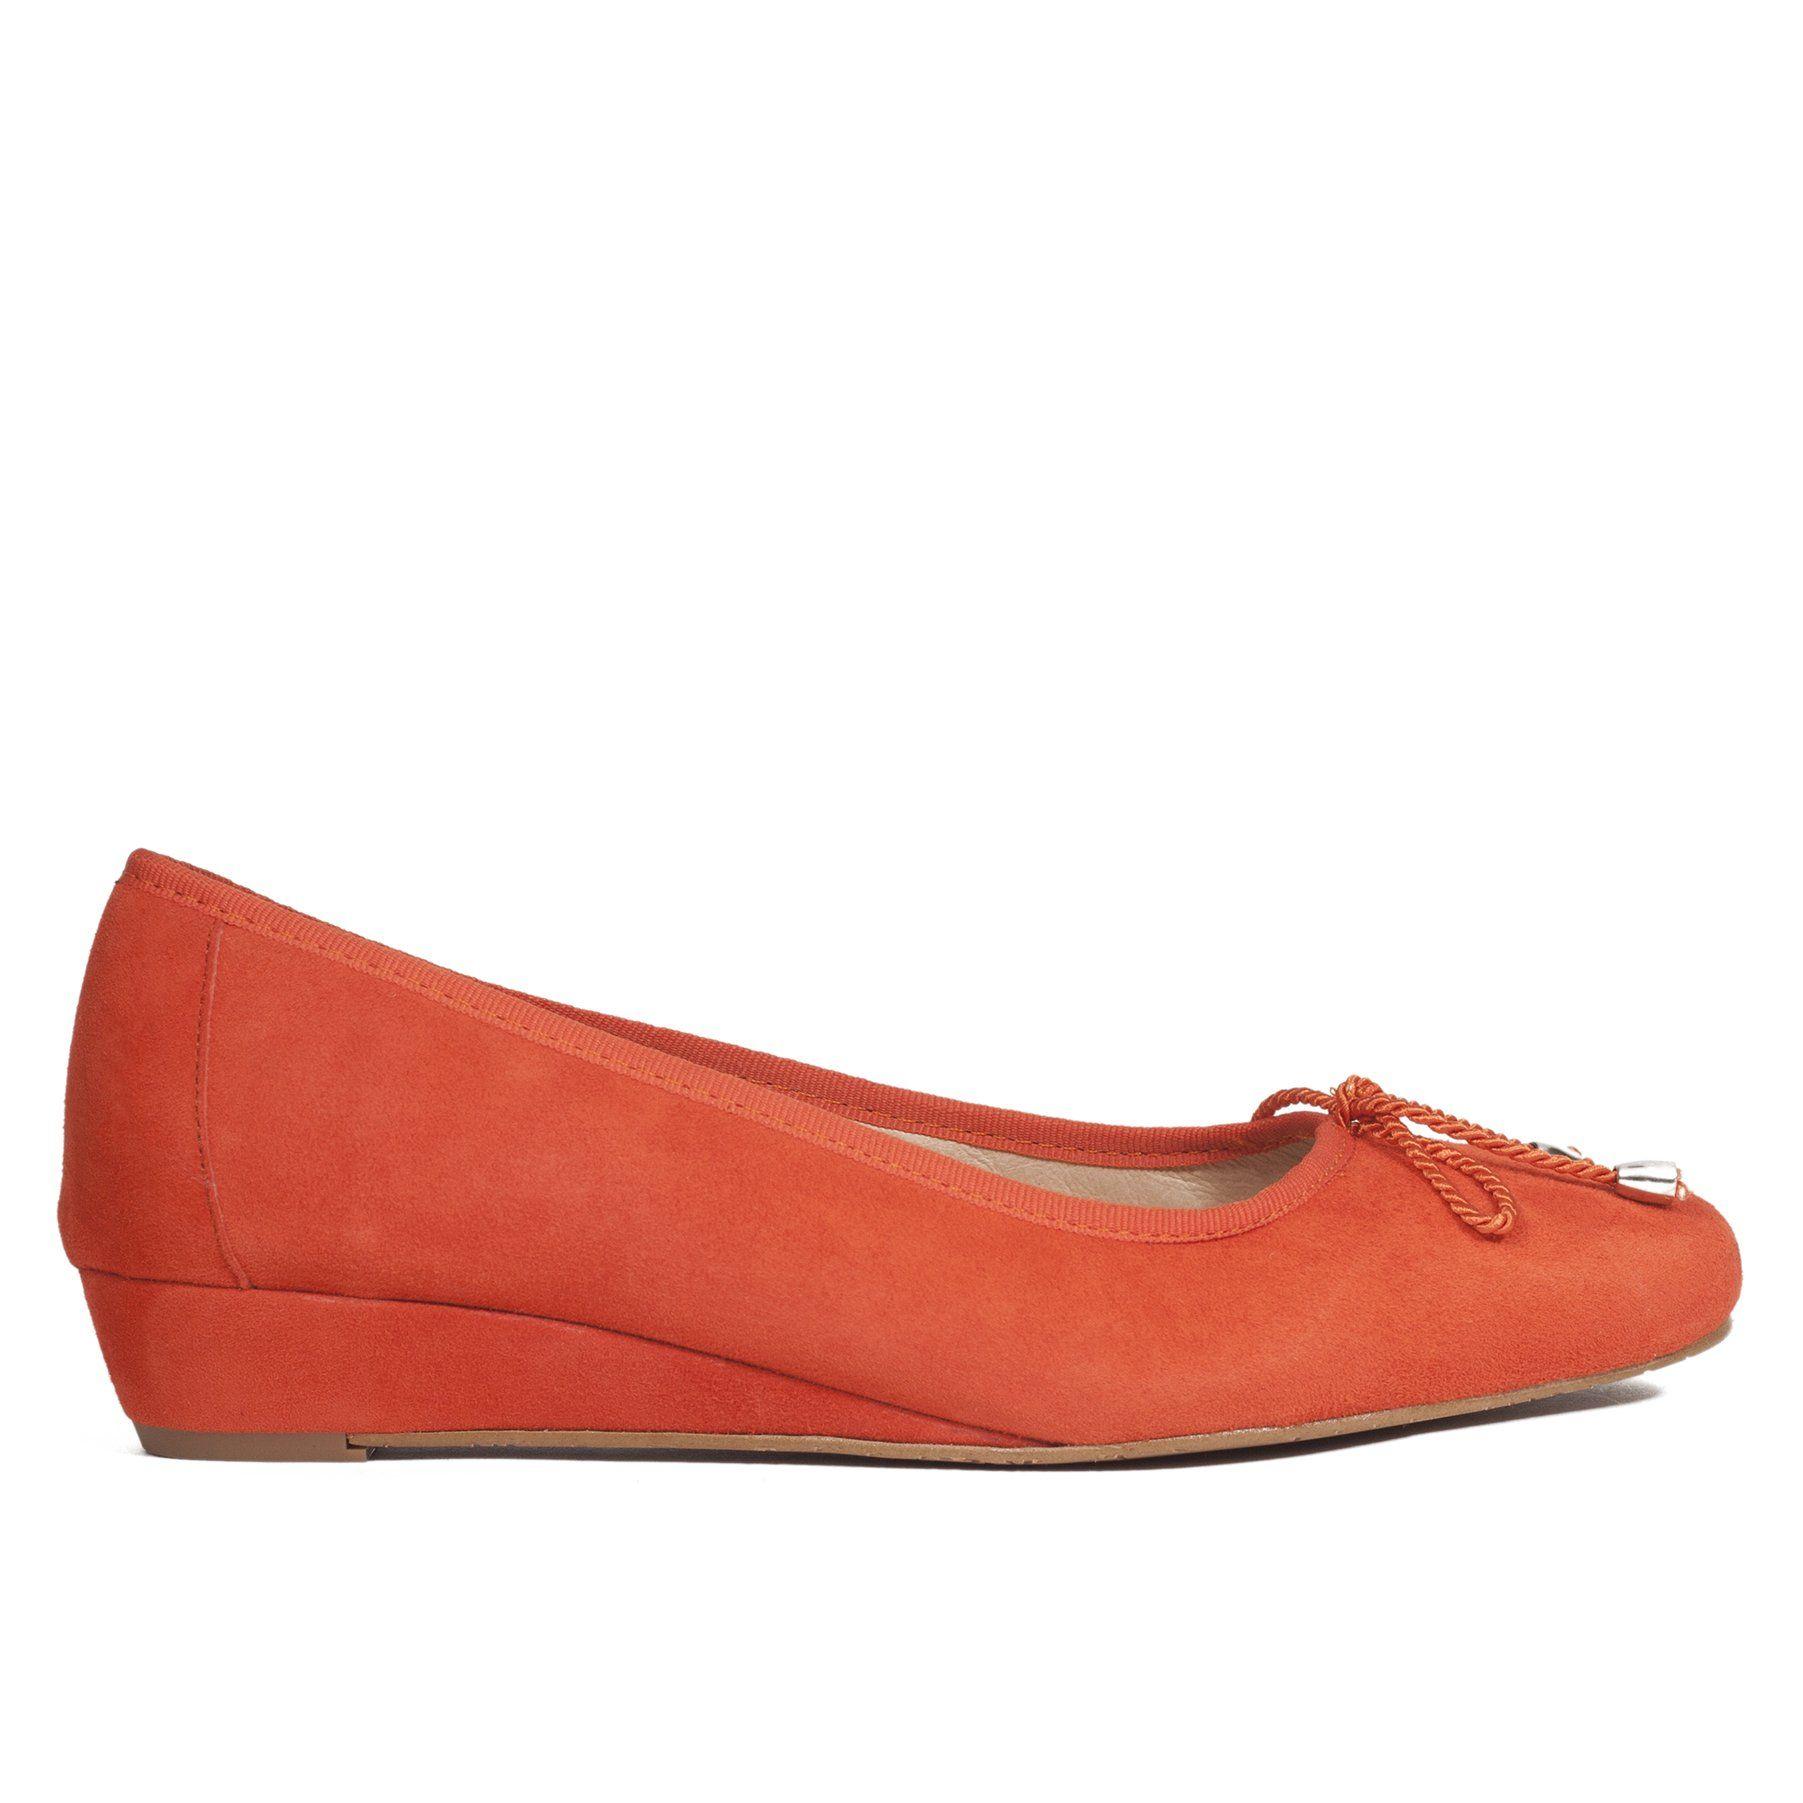 3493ac1227356 Zapato de cuña Naranja Piel-Ante - miMaO Zapatos Online – miMaO ShopOnline